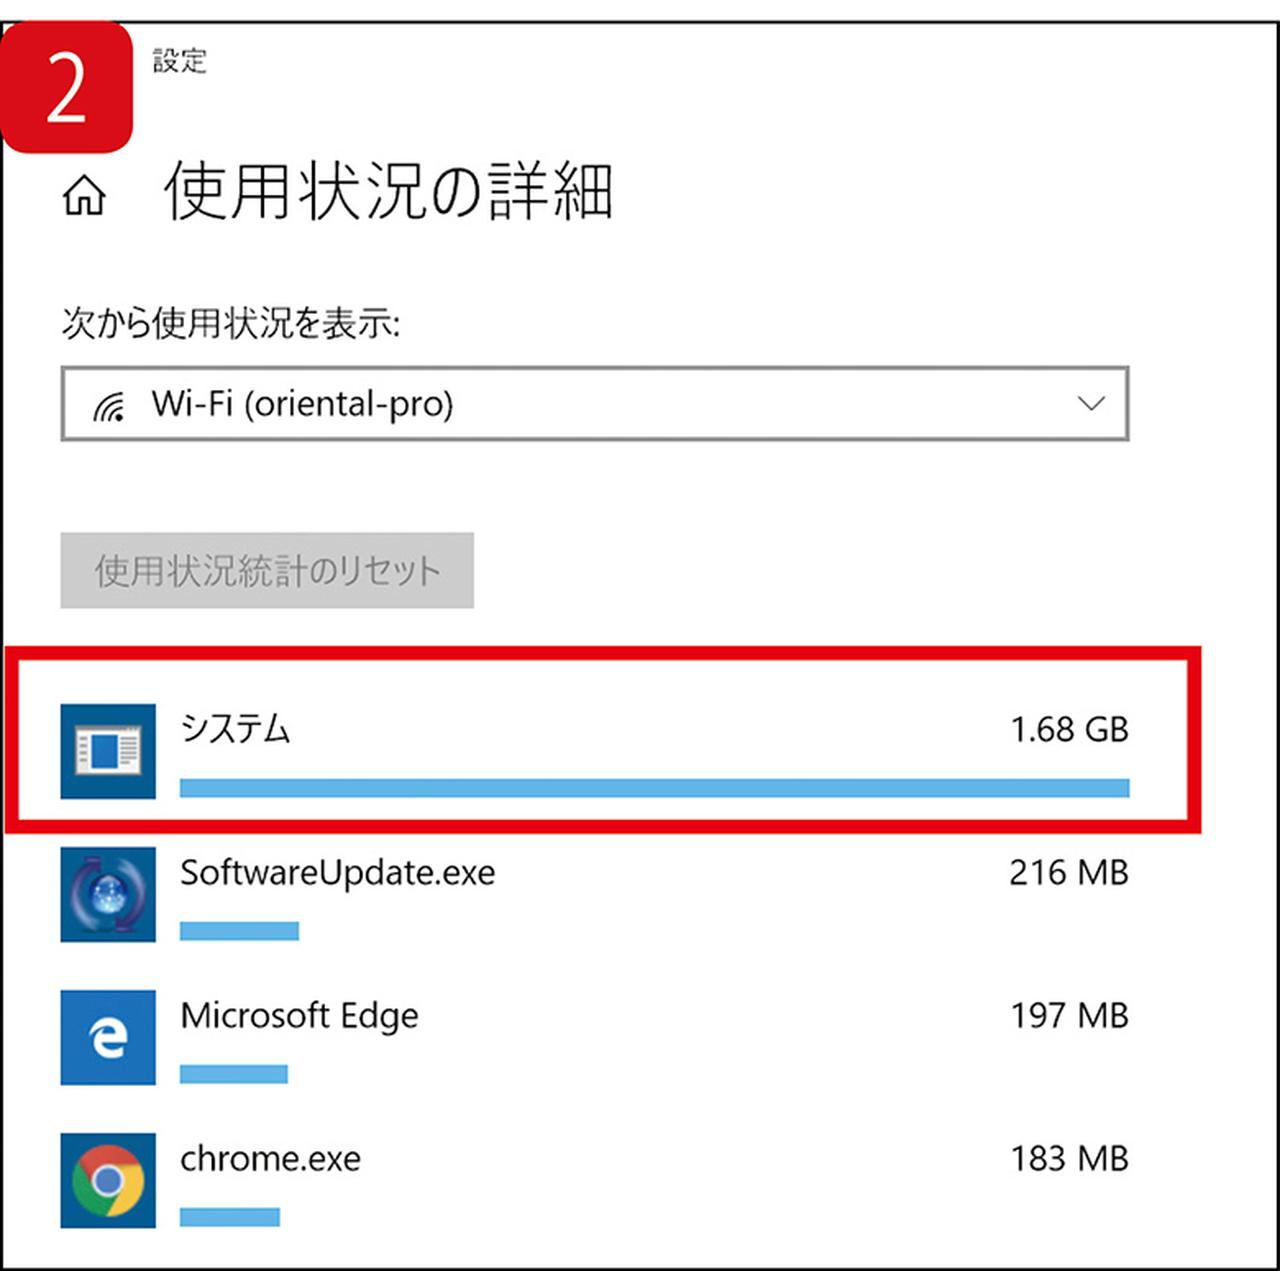 画像: 過去30日間のアプリごとのデータ使用量がわかる。「システム」の使用量が断トツに多いが、これは主にWindows Updateによるもの。